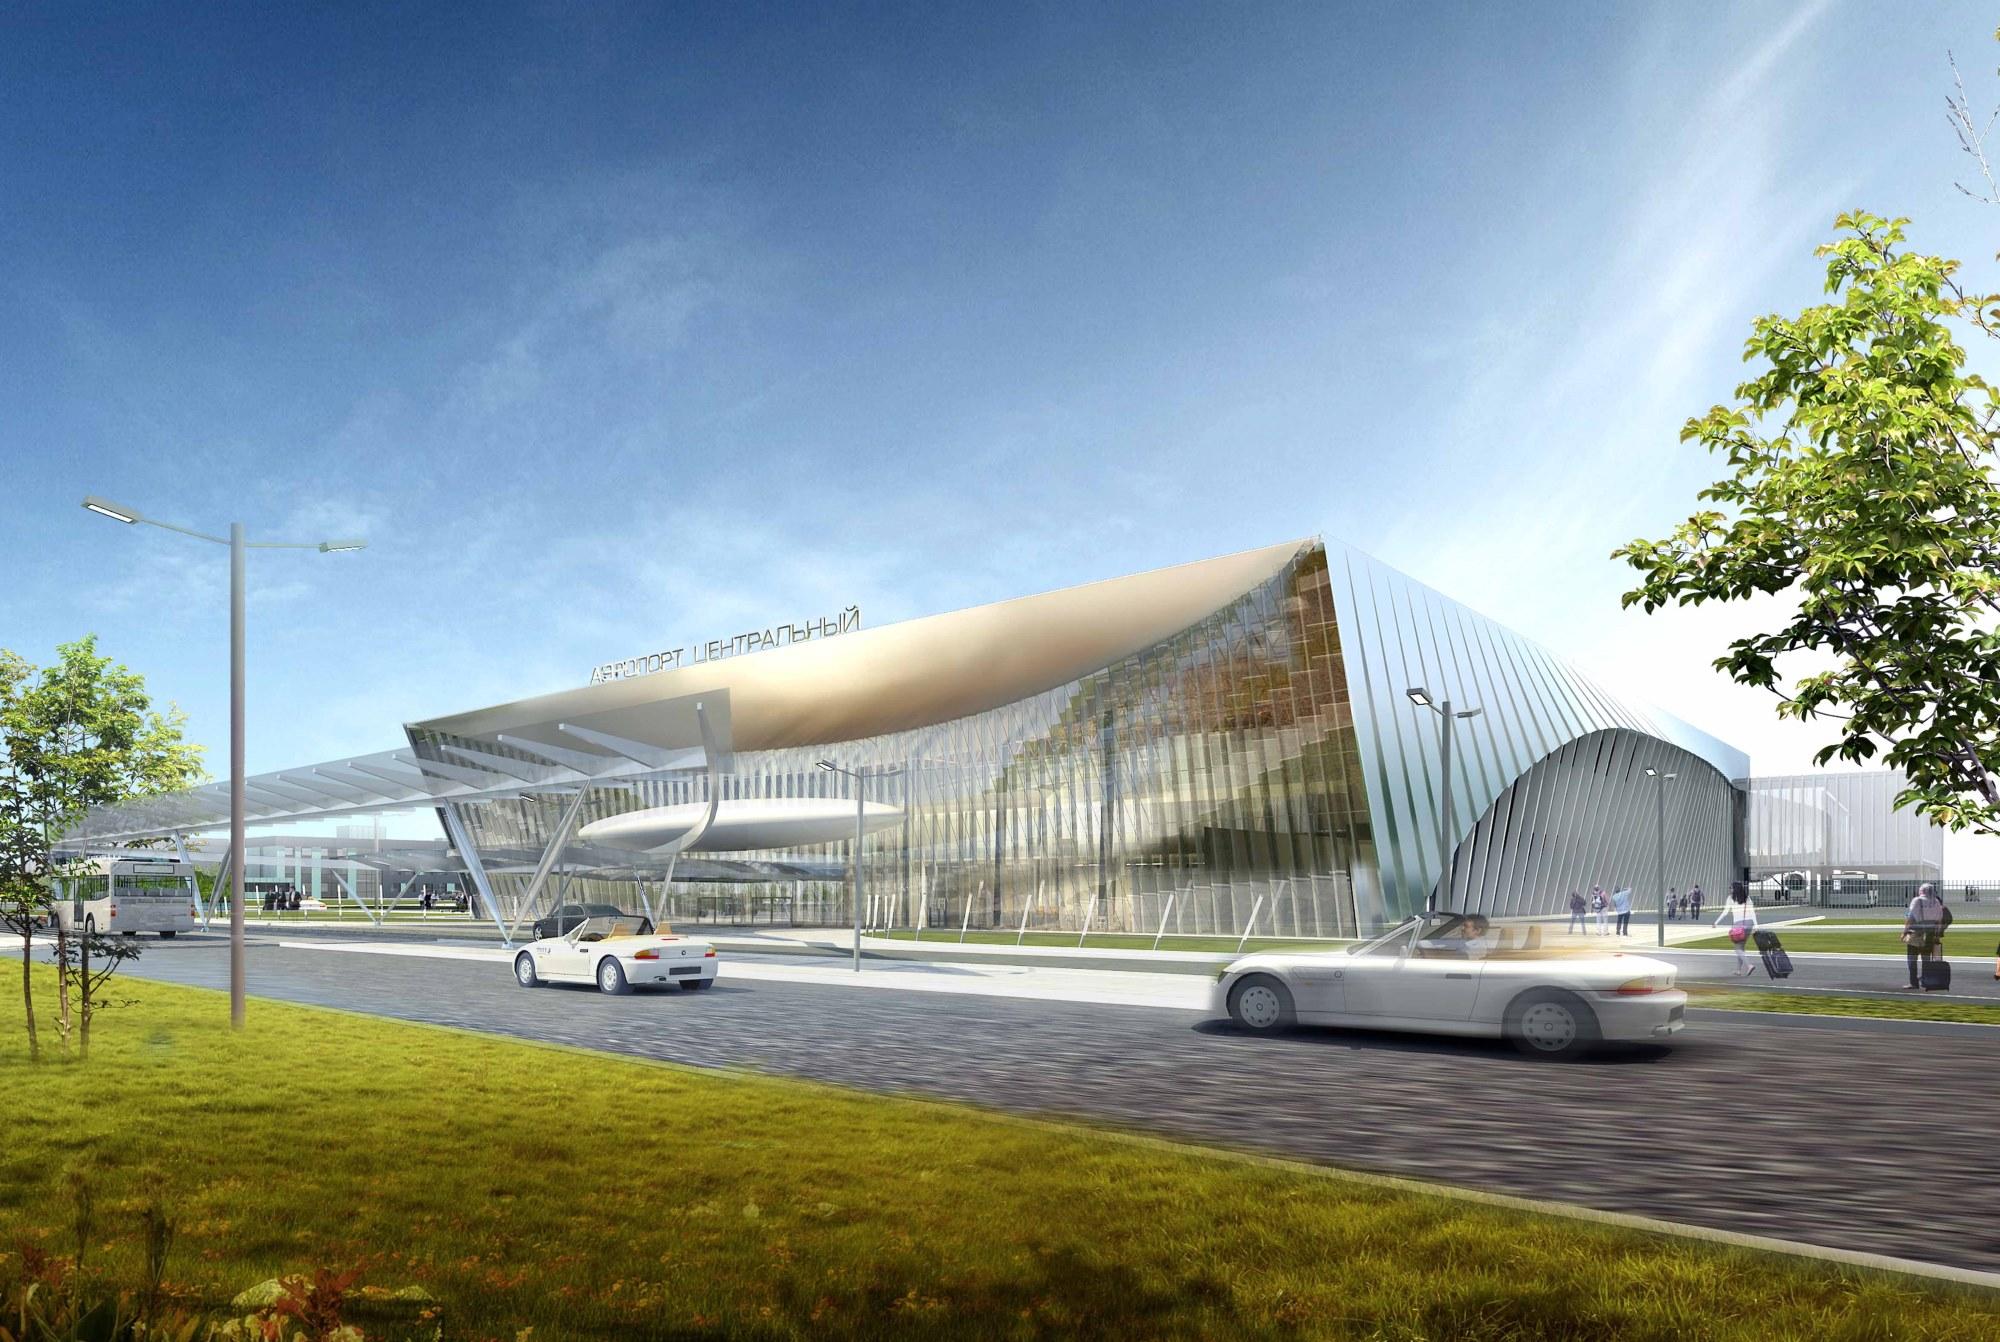 Для возведения нового аэропорта вСаратове выбран инженерный клиент